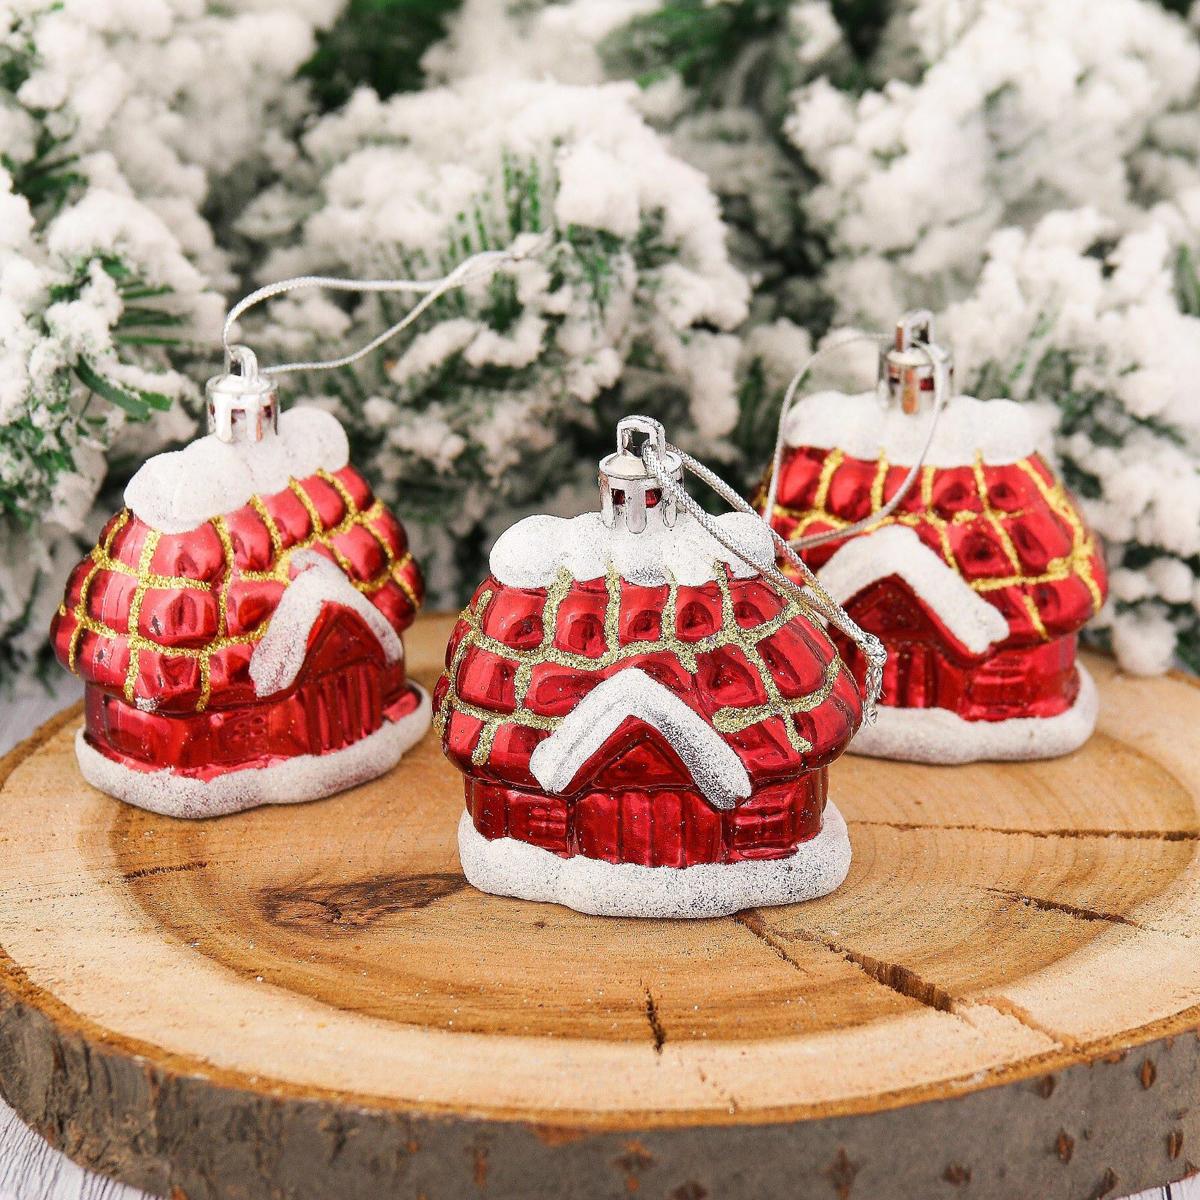 Набор новогодних подвесных украшений Избушка, 5 х 5,5 см, 3 шт2123088Набор новогодних подвесных украшений отлично подойдет для декорации вашего дома и новогодней ели. С помощью специальной петельки украшение можно повесить в любом понравившемся вам месте. Но, конечно, удачнее всего оно будет смотреться на праздничной елке.Елочная игрушка - символ Нового года. Она несет в себе волшебство и красоту праздника. Такое украшение создаст в вашем доме атмосферу праздника, веселья и радости.